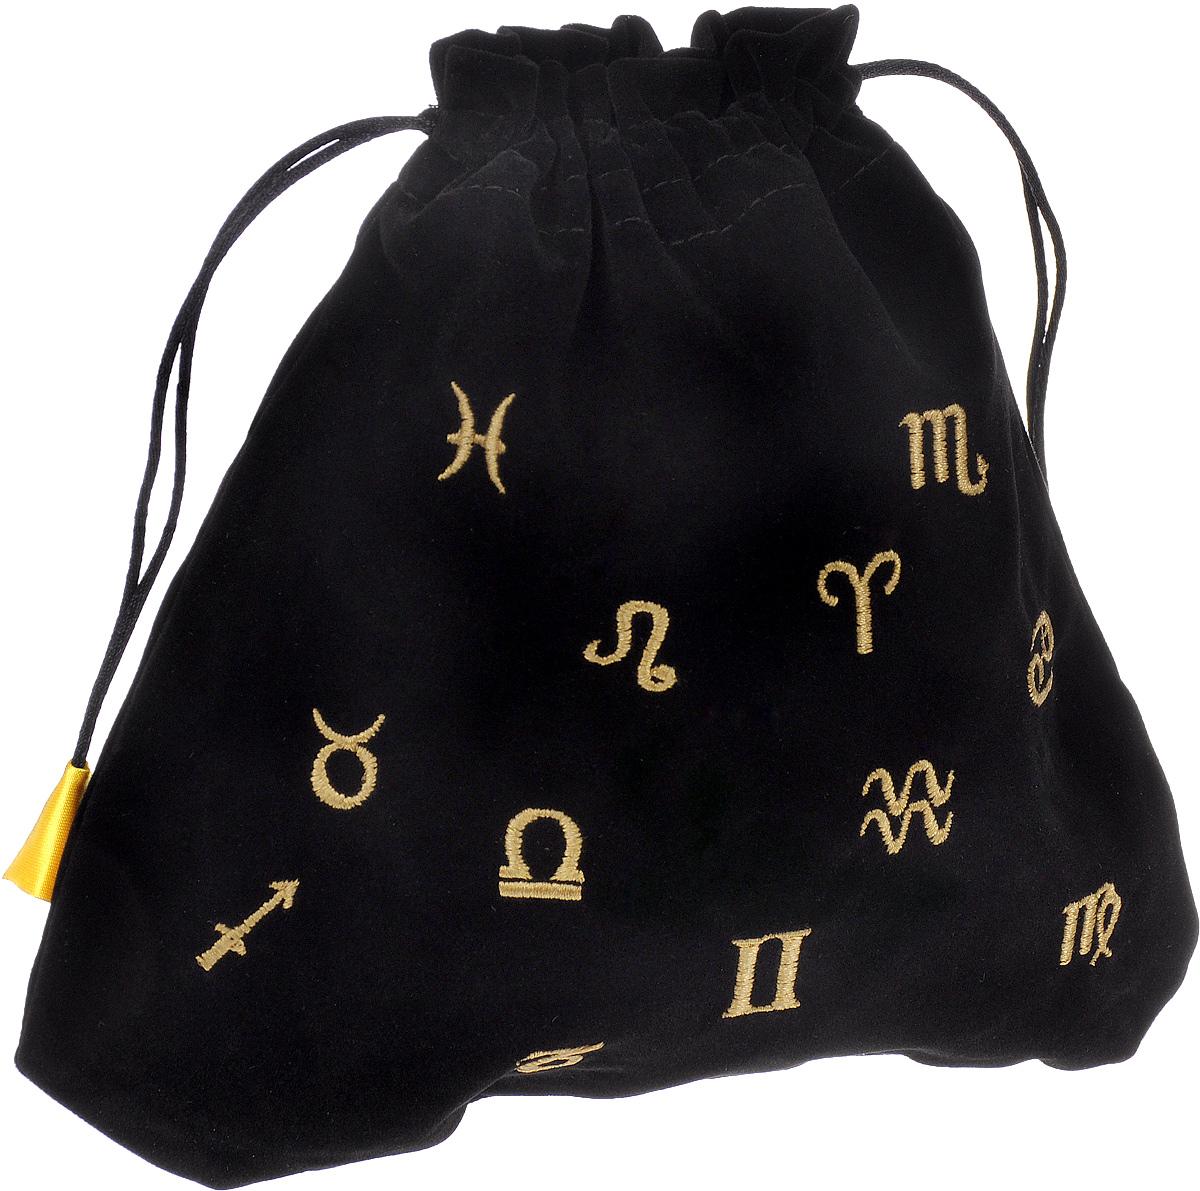 Мешочек для карт Lo Scarabeo Астрологический. BT32 мешочек для карт lo scarabeo кельтский крест bt30